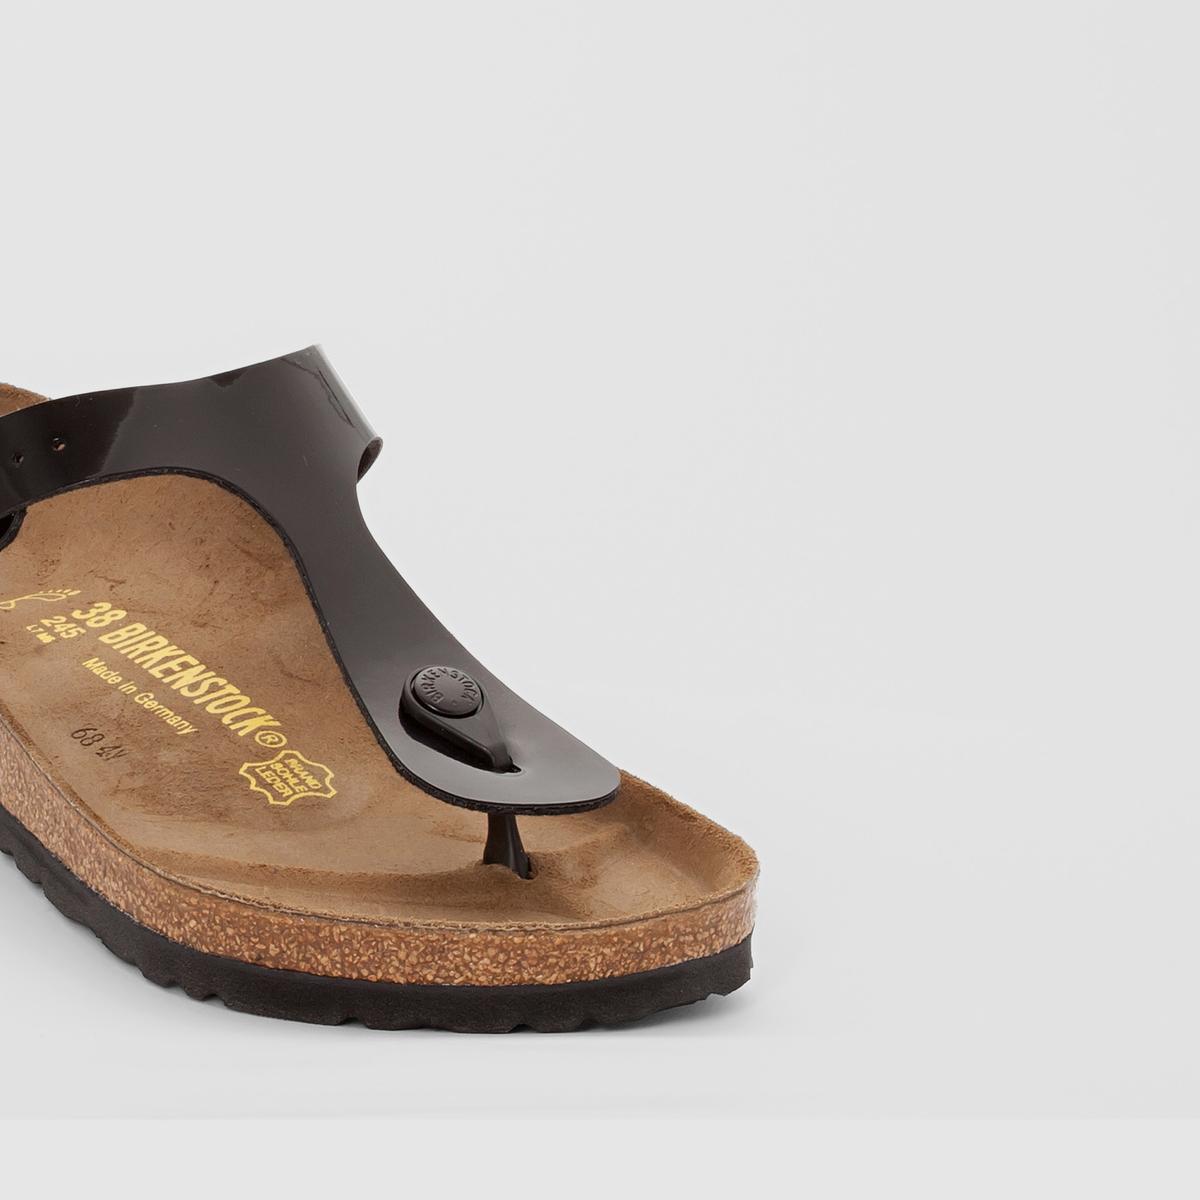 Imagen secundaria de producto de Sandalias con tira entre los dedos GIZEH - Birkenstock